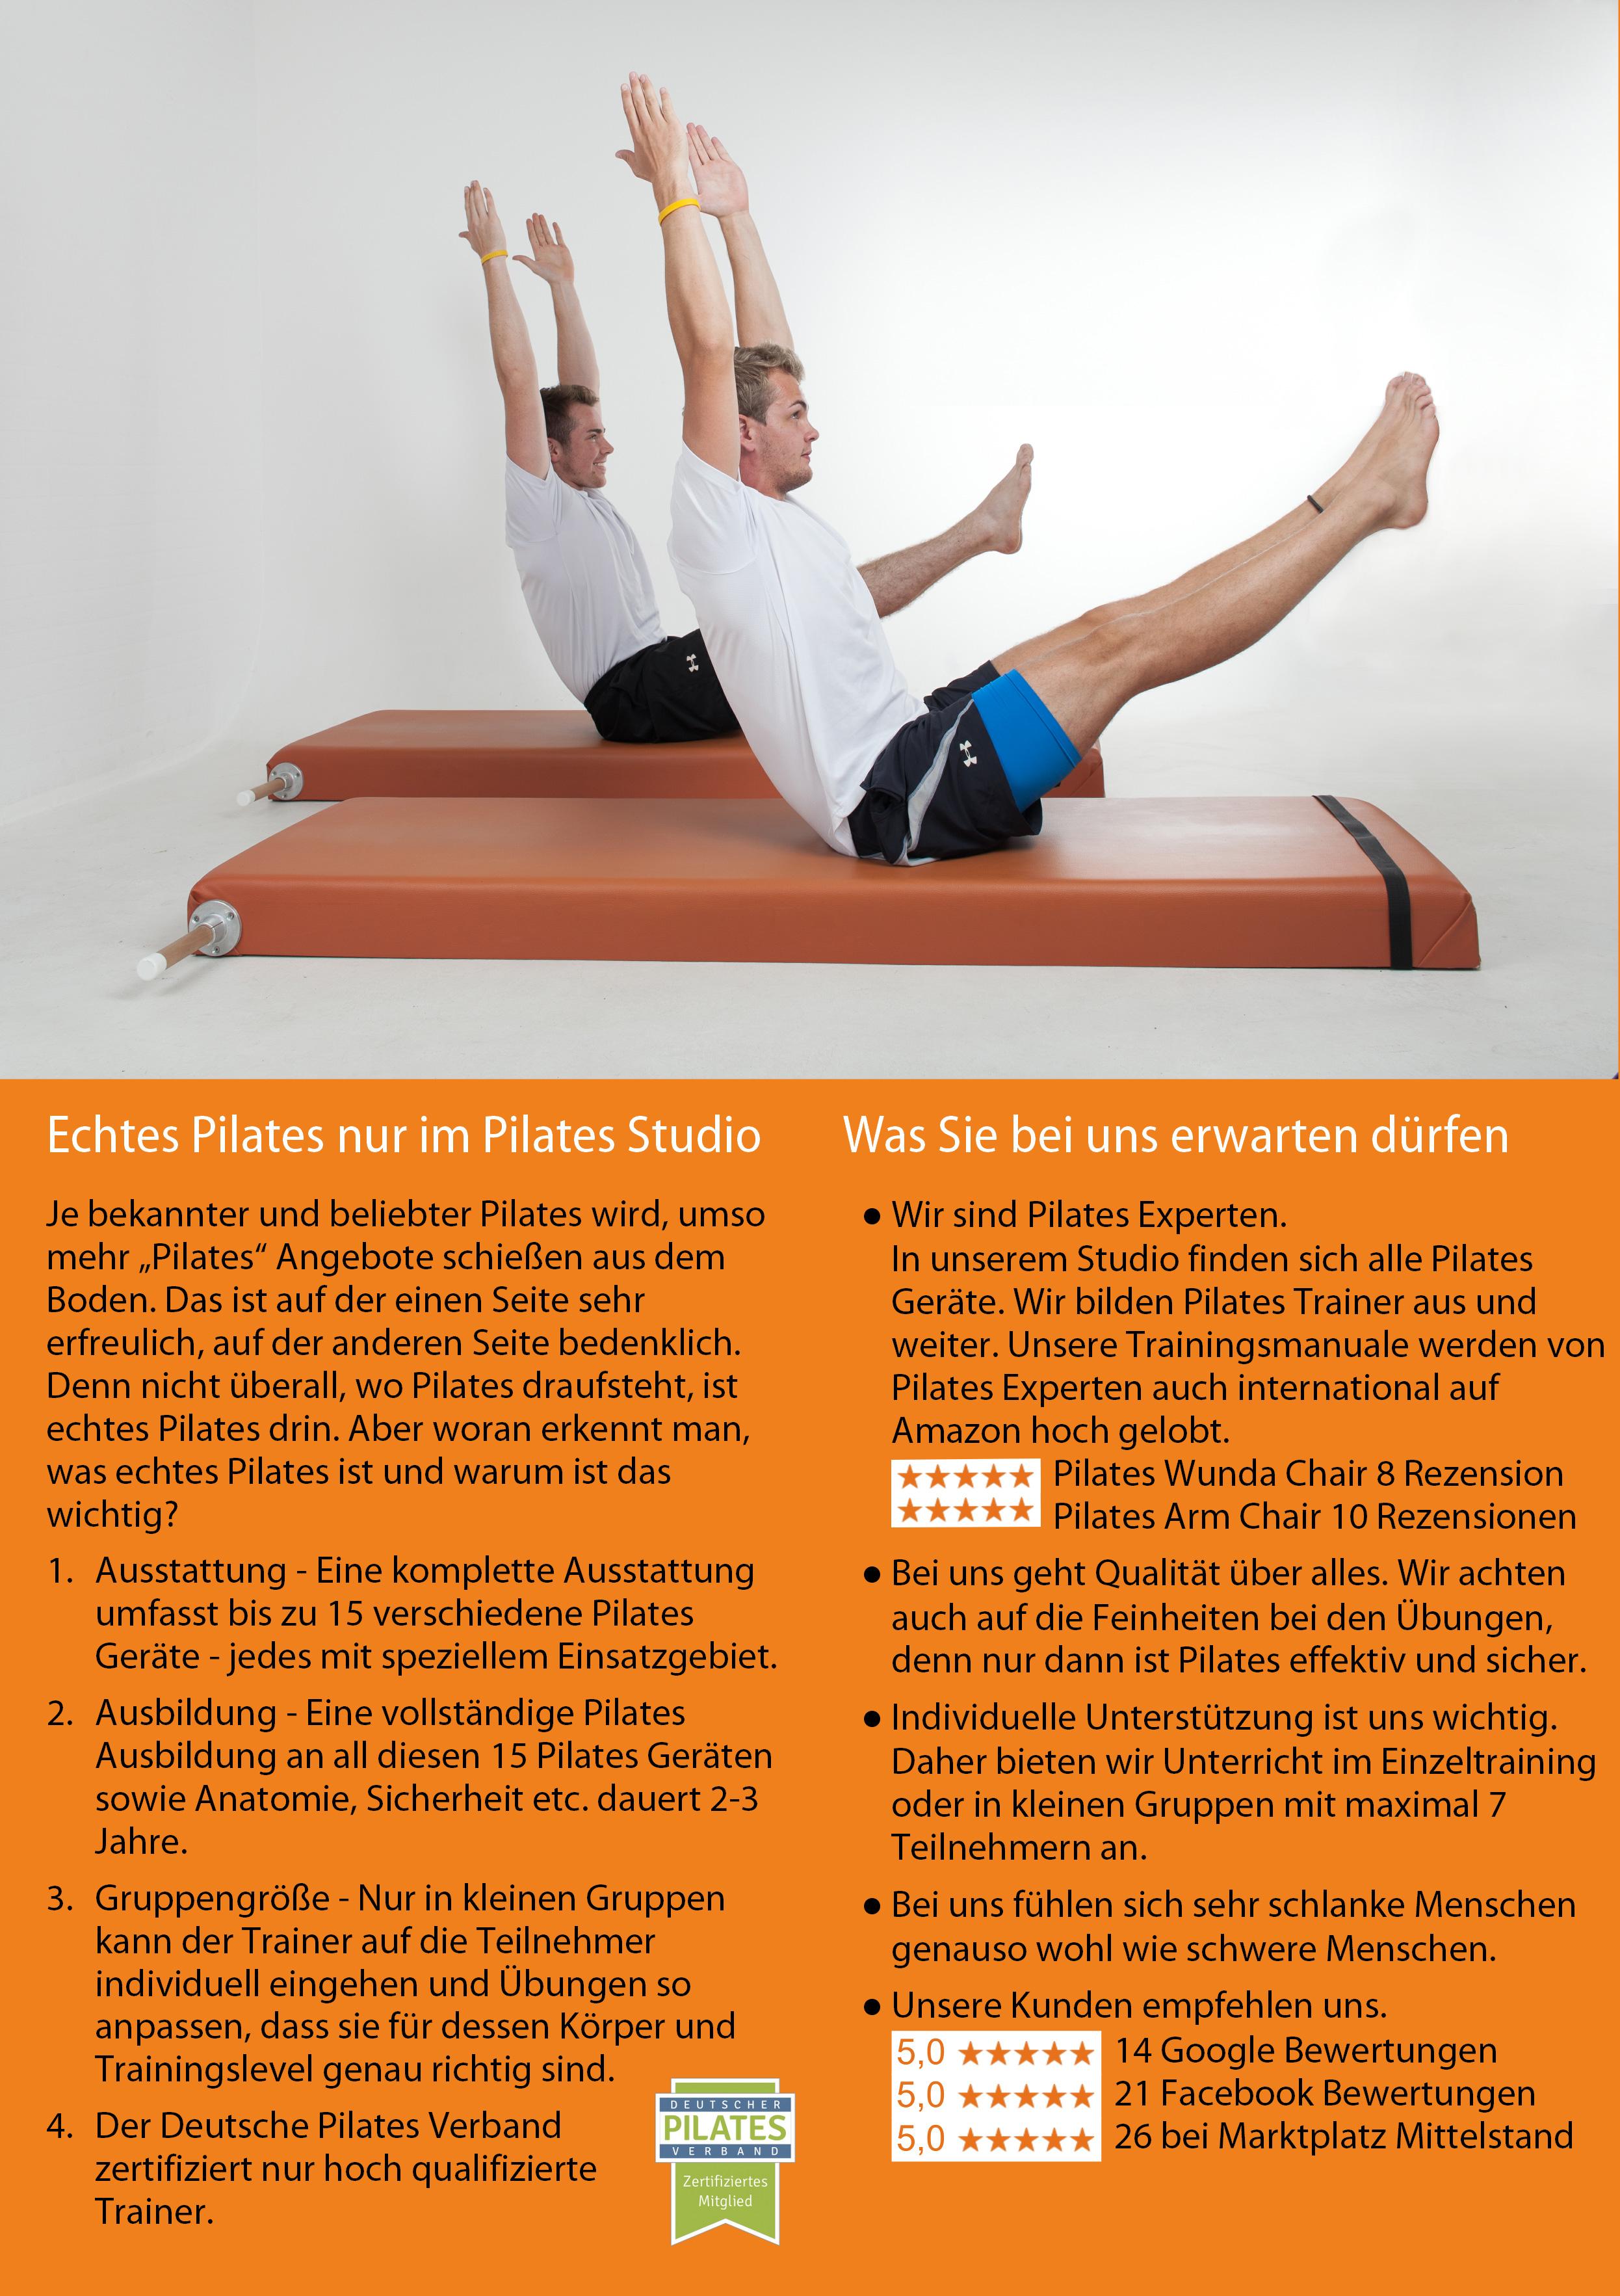 Echtes-Pilates